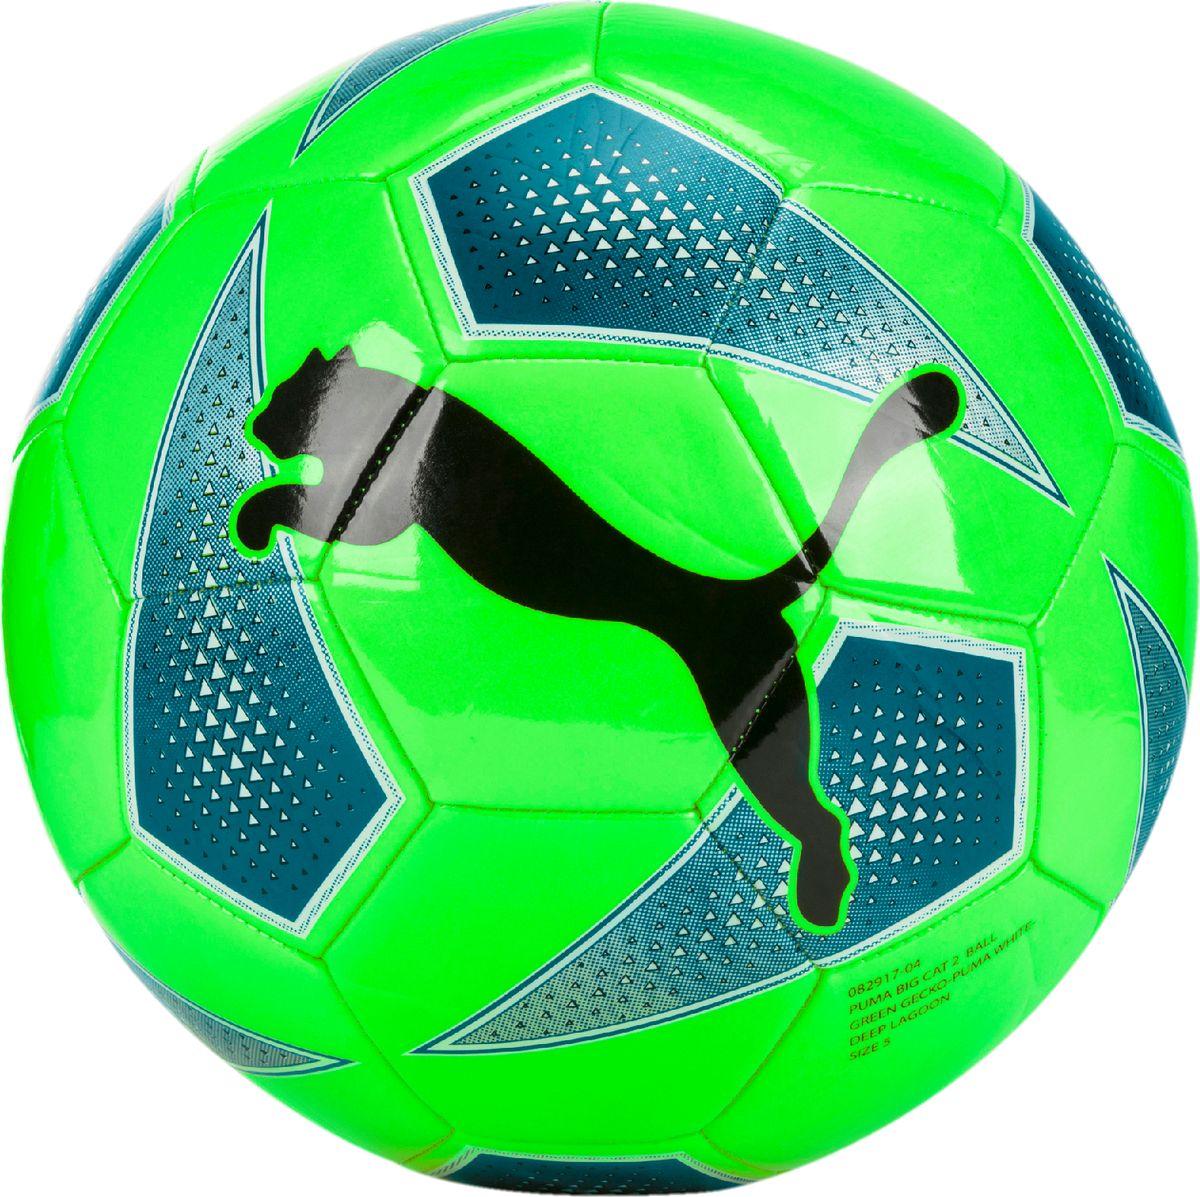 Мяч для тренировок начинающих футболистов также подходит для игр с друзьями. Сочетание покрытия из термополиуретана, подложки из вспененного термопластичного эластомера и полиэстера, а также надежная машинная прошивка панелей создают такие характеристики мяча, которые обеспечивают удобство приема, сохранение формы, чуткое реагирование на любые действия игрока, предсказуемость отскока, отличные аэродинамические качества. Резиновая камера надежно удерживает воздух внутри мяча.